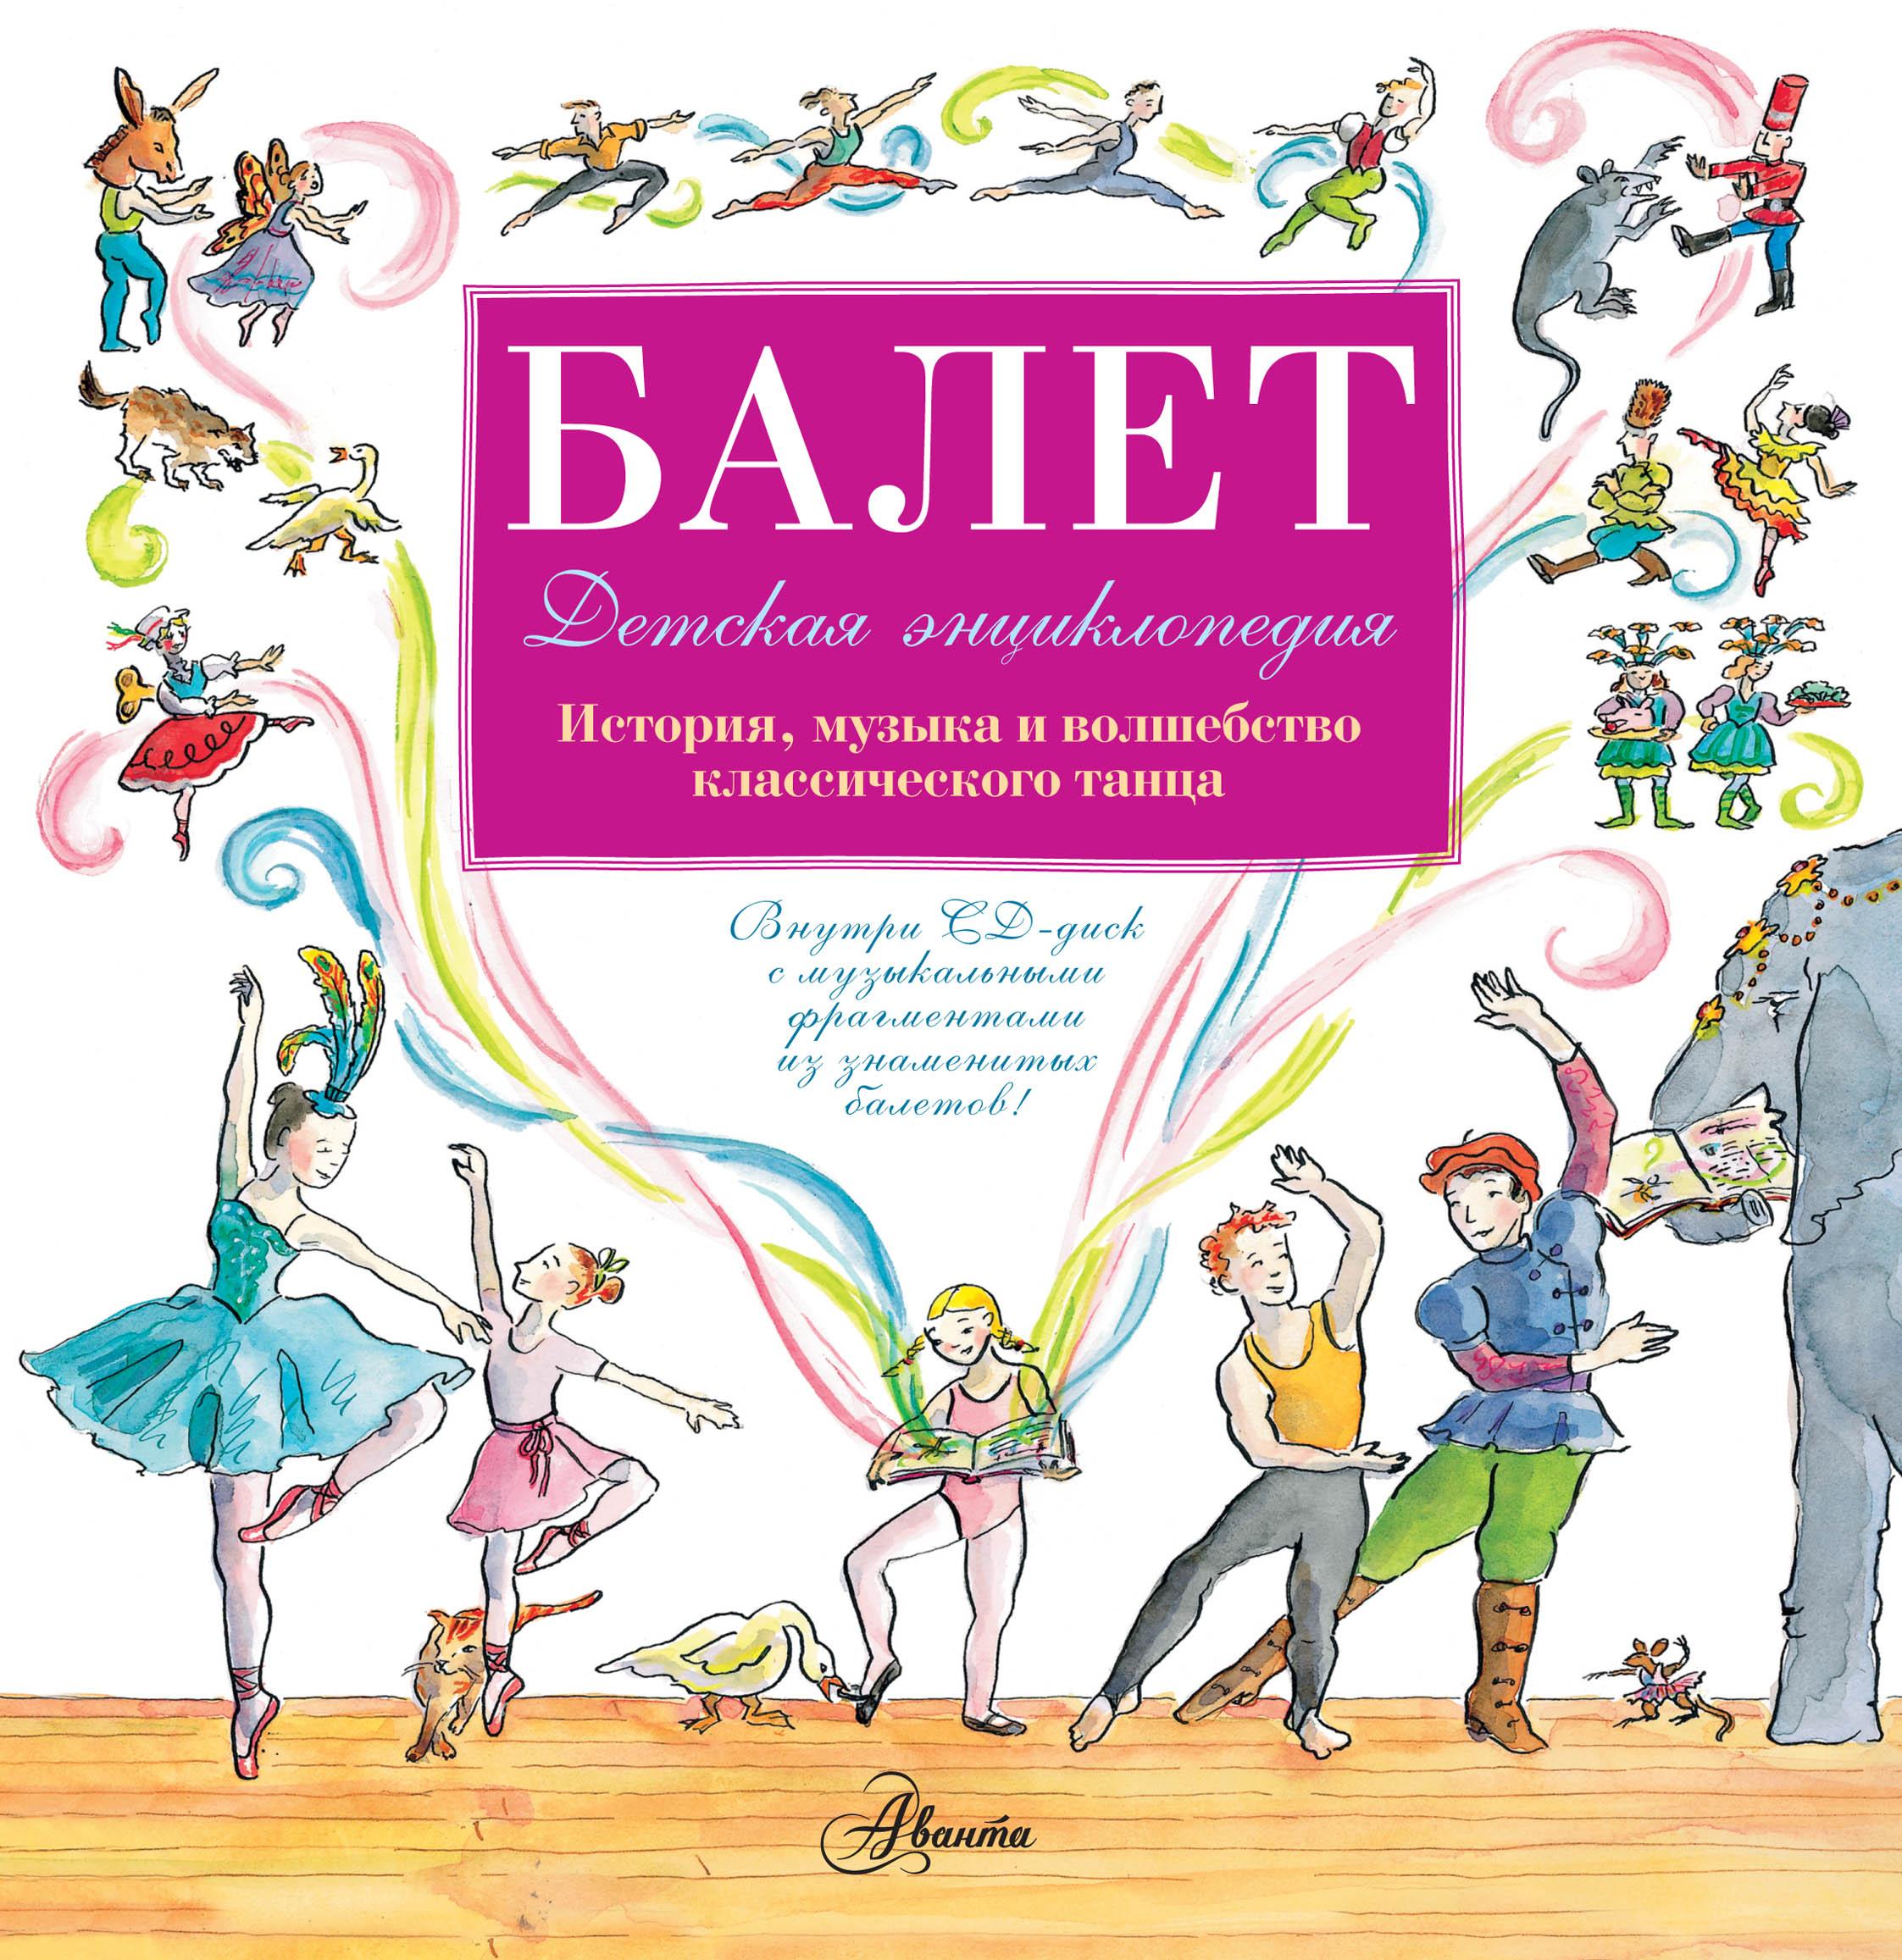 Киселева П.А. Балет. Детская энциклопедия (+CD) байокки роберто балет большая книга